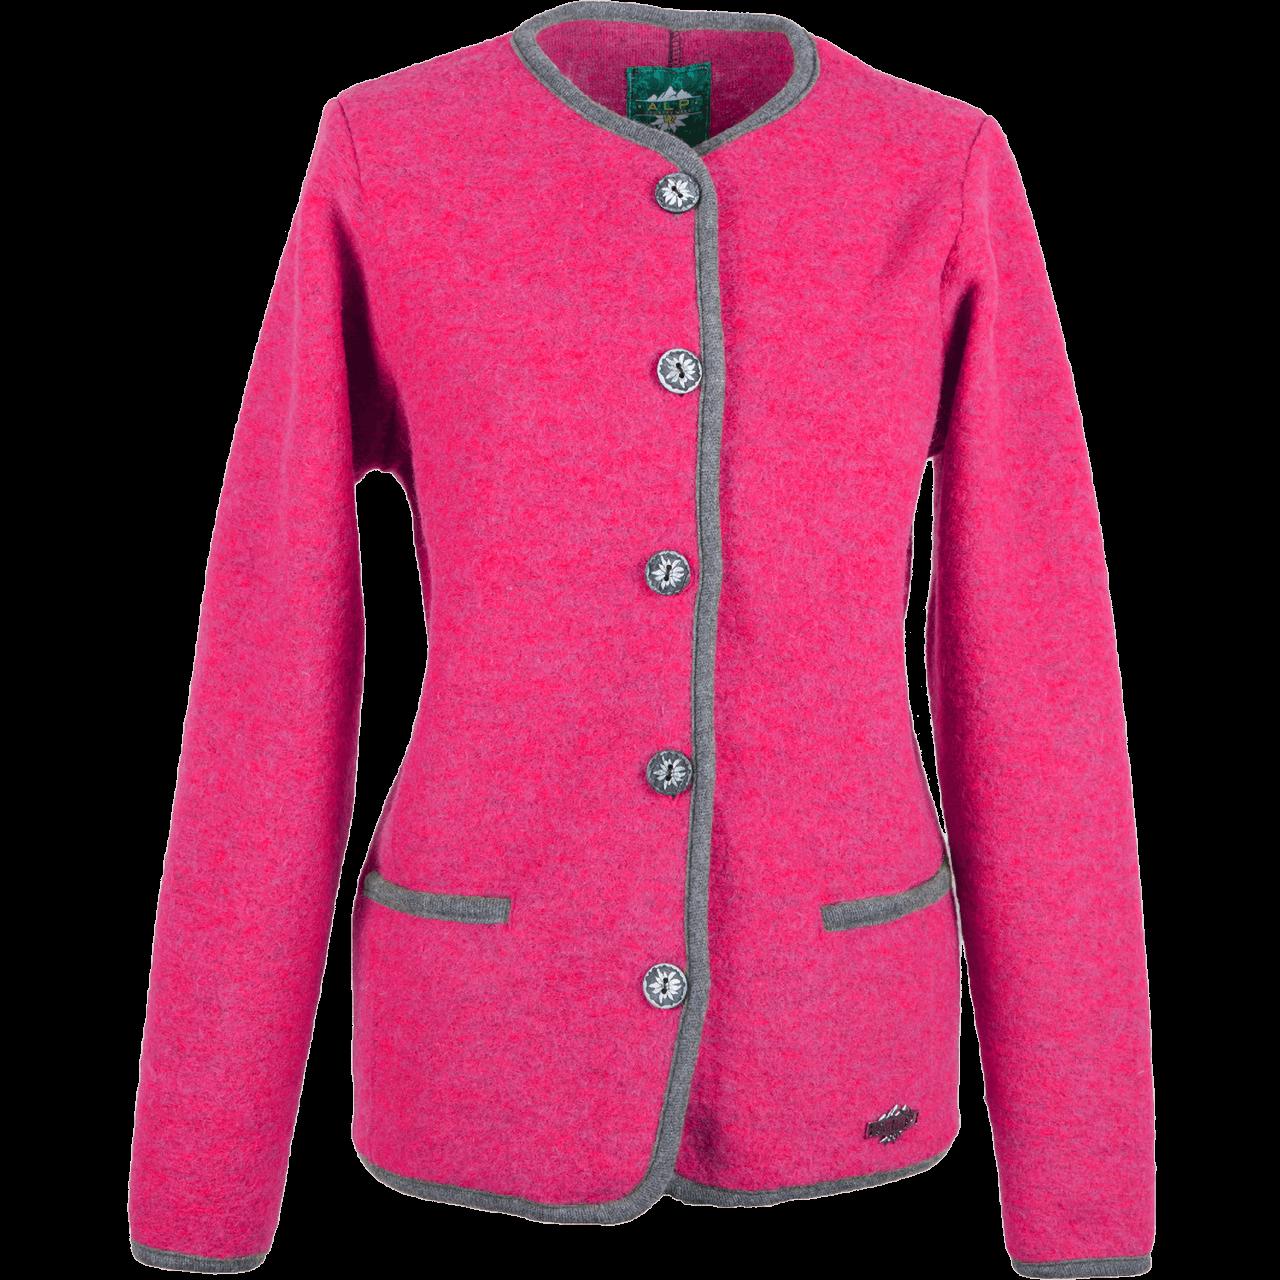 giacca-donna-301501-alp1964